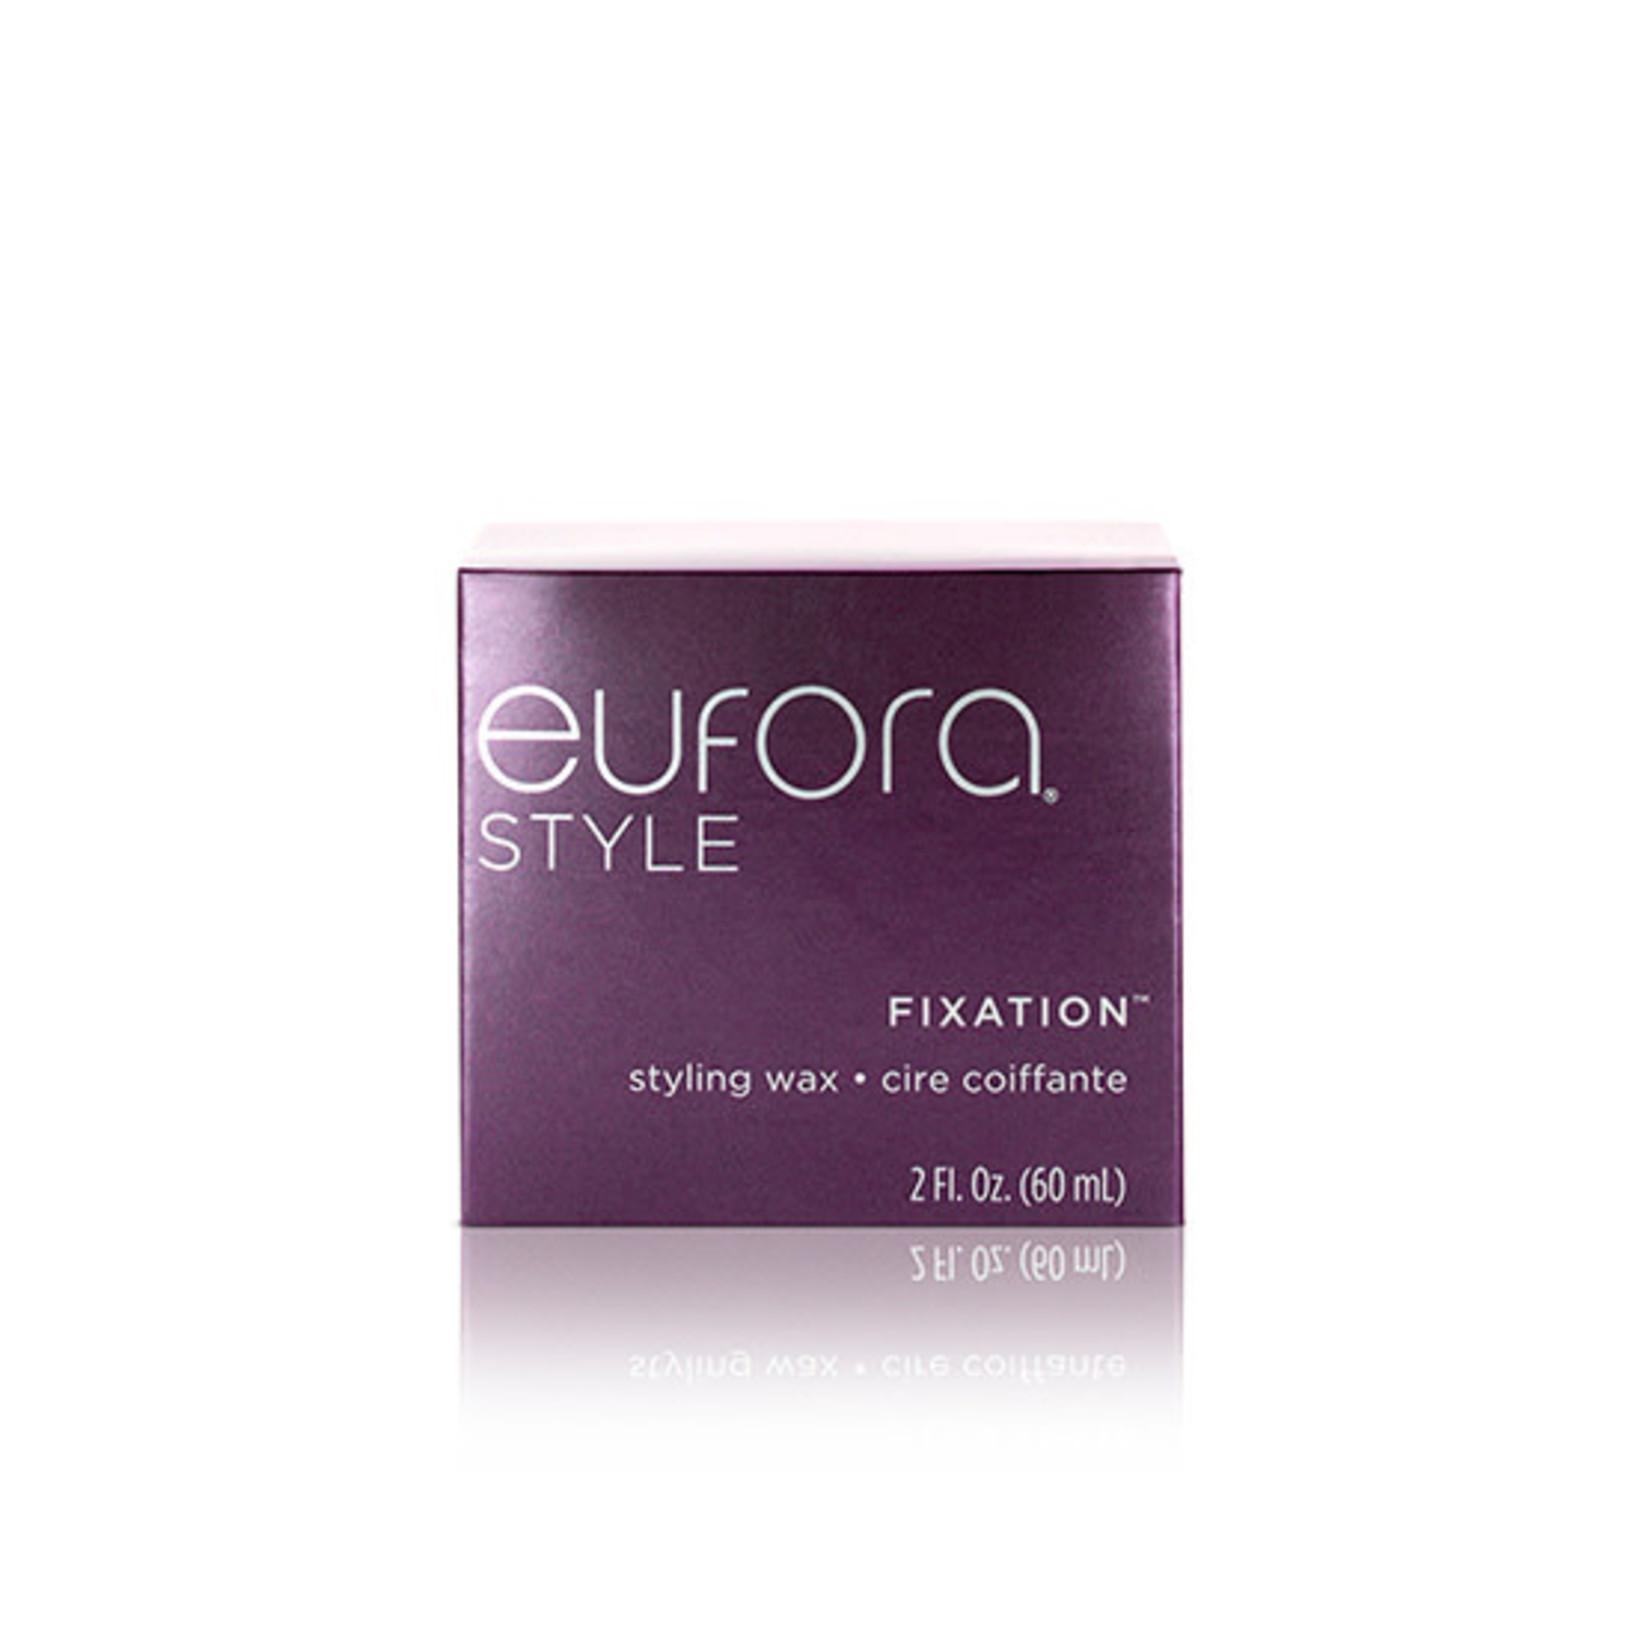 Eufora EuforaStyle Fixation